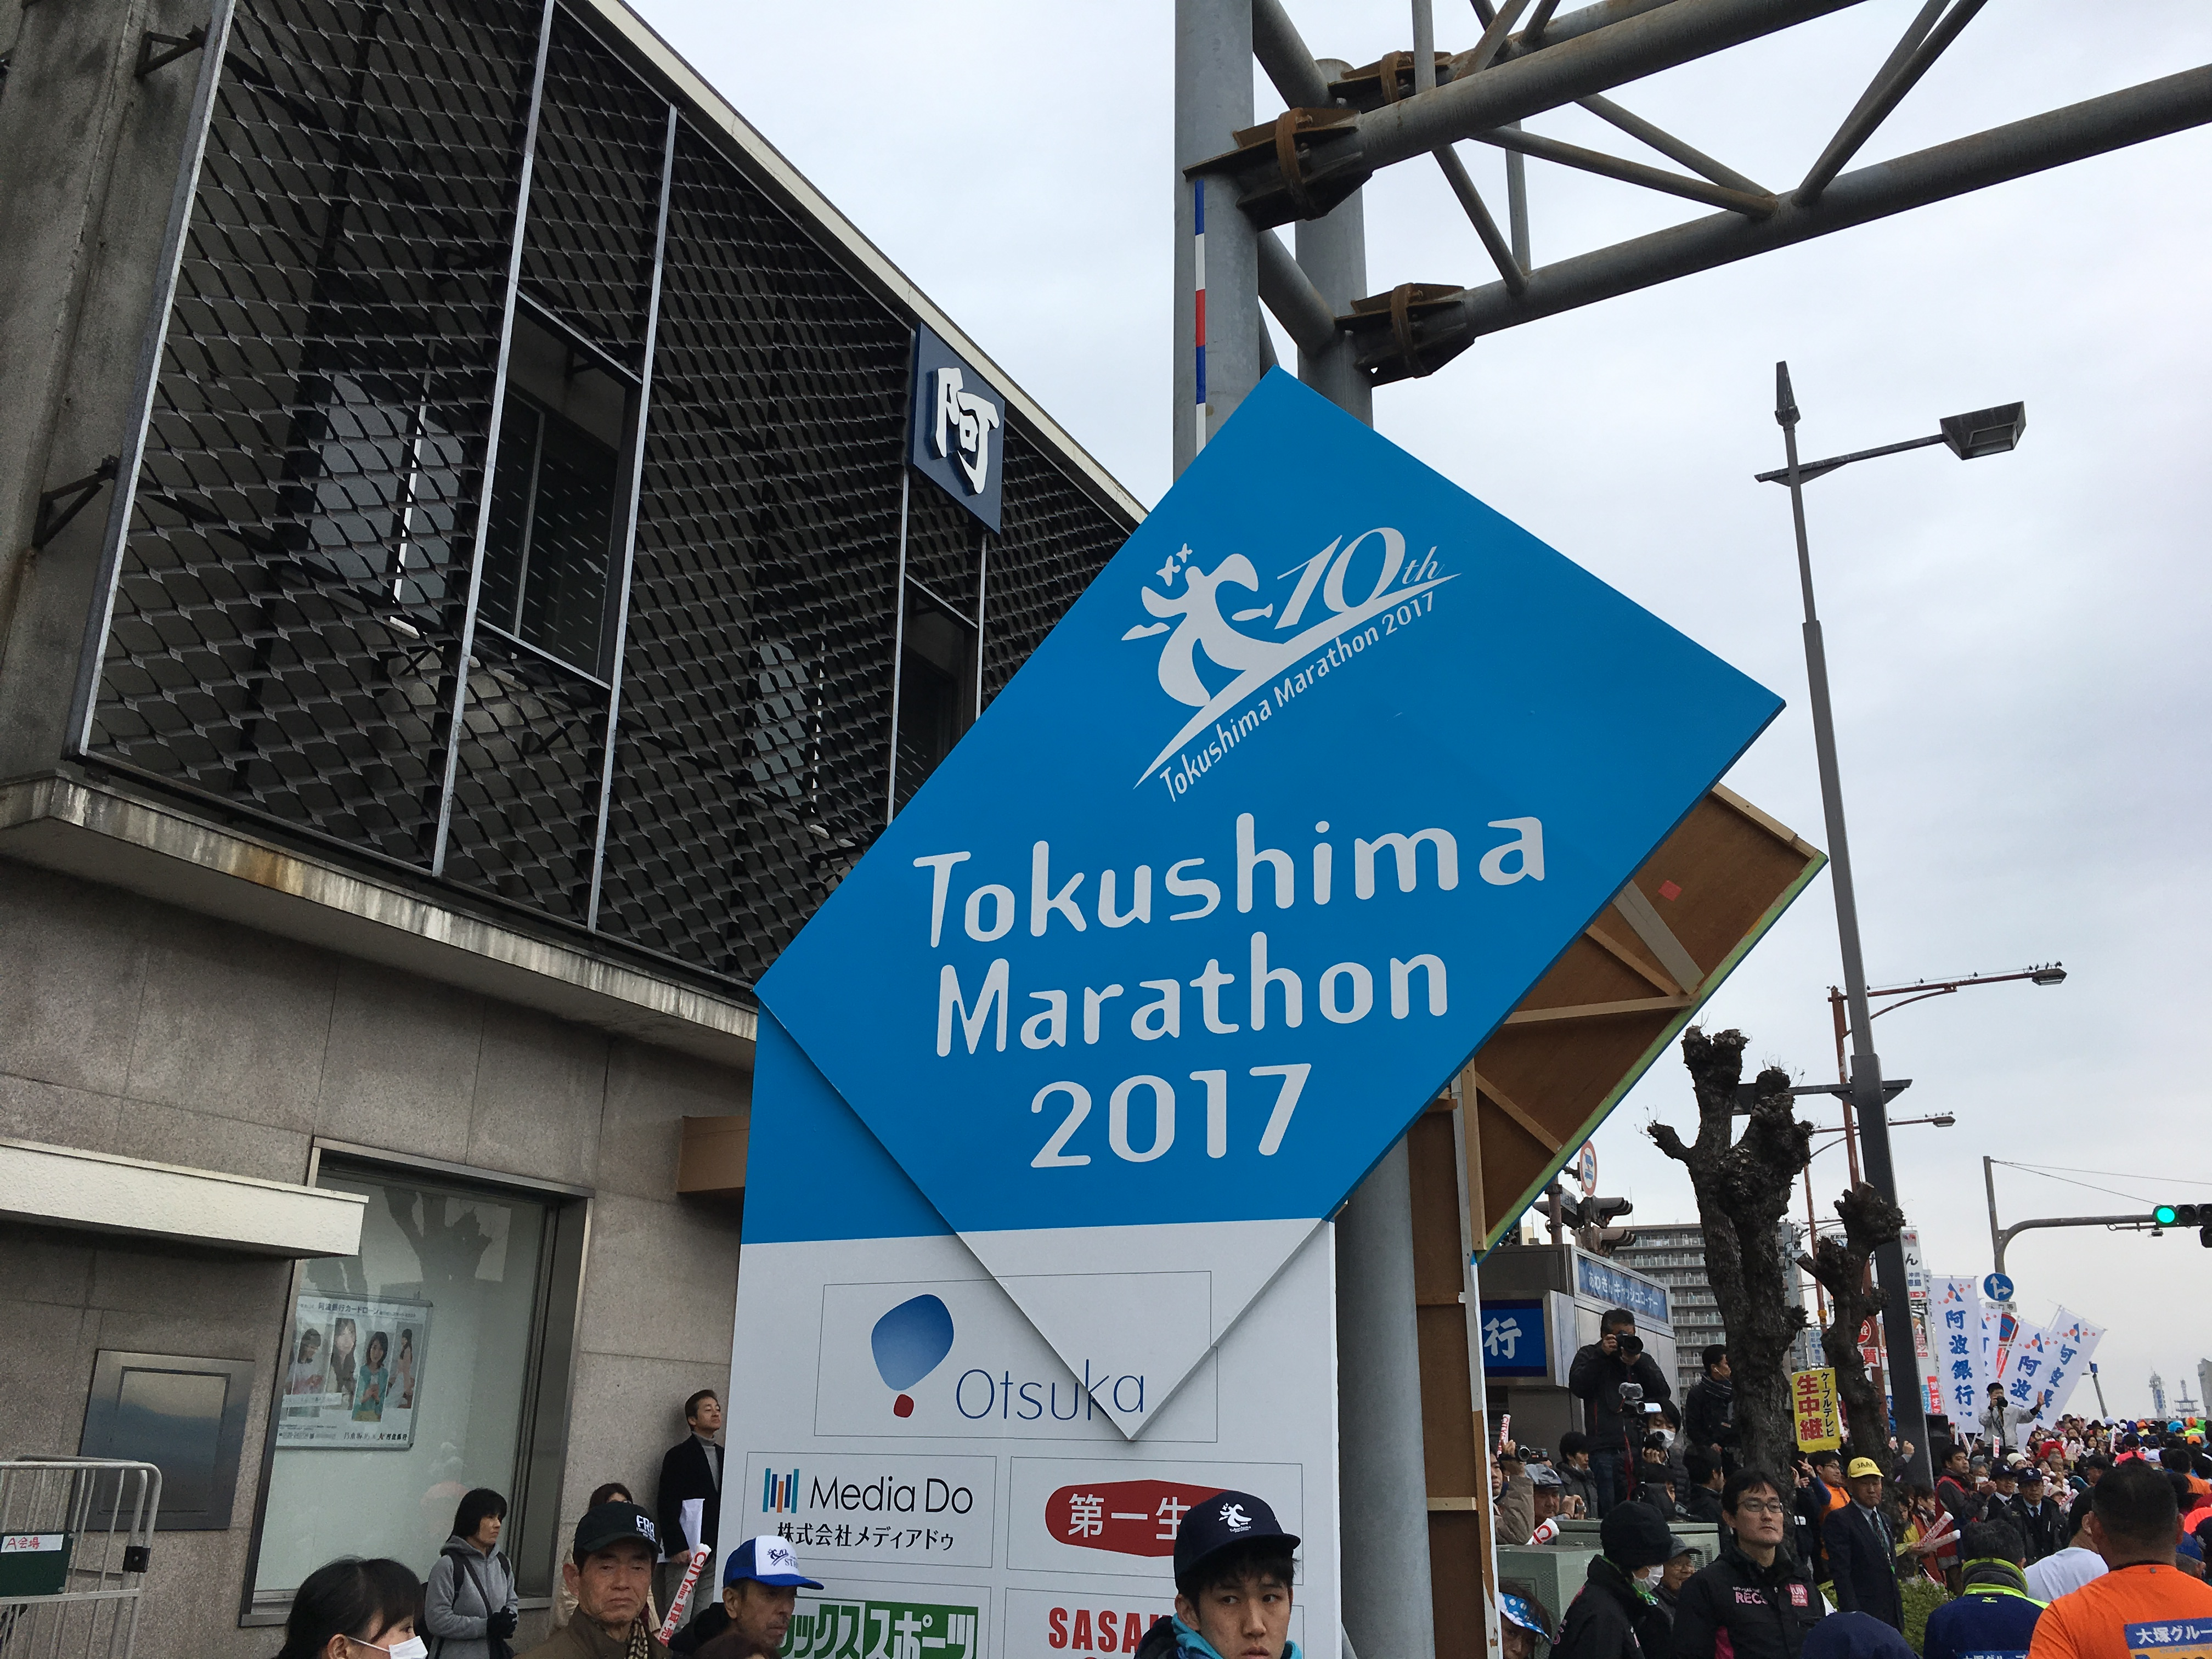 とくしまマラソン2017、今年も駆け抜けてきました!